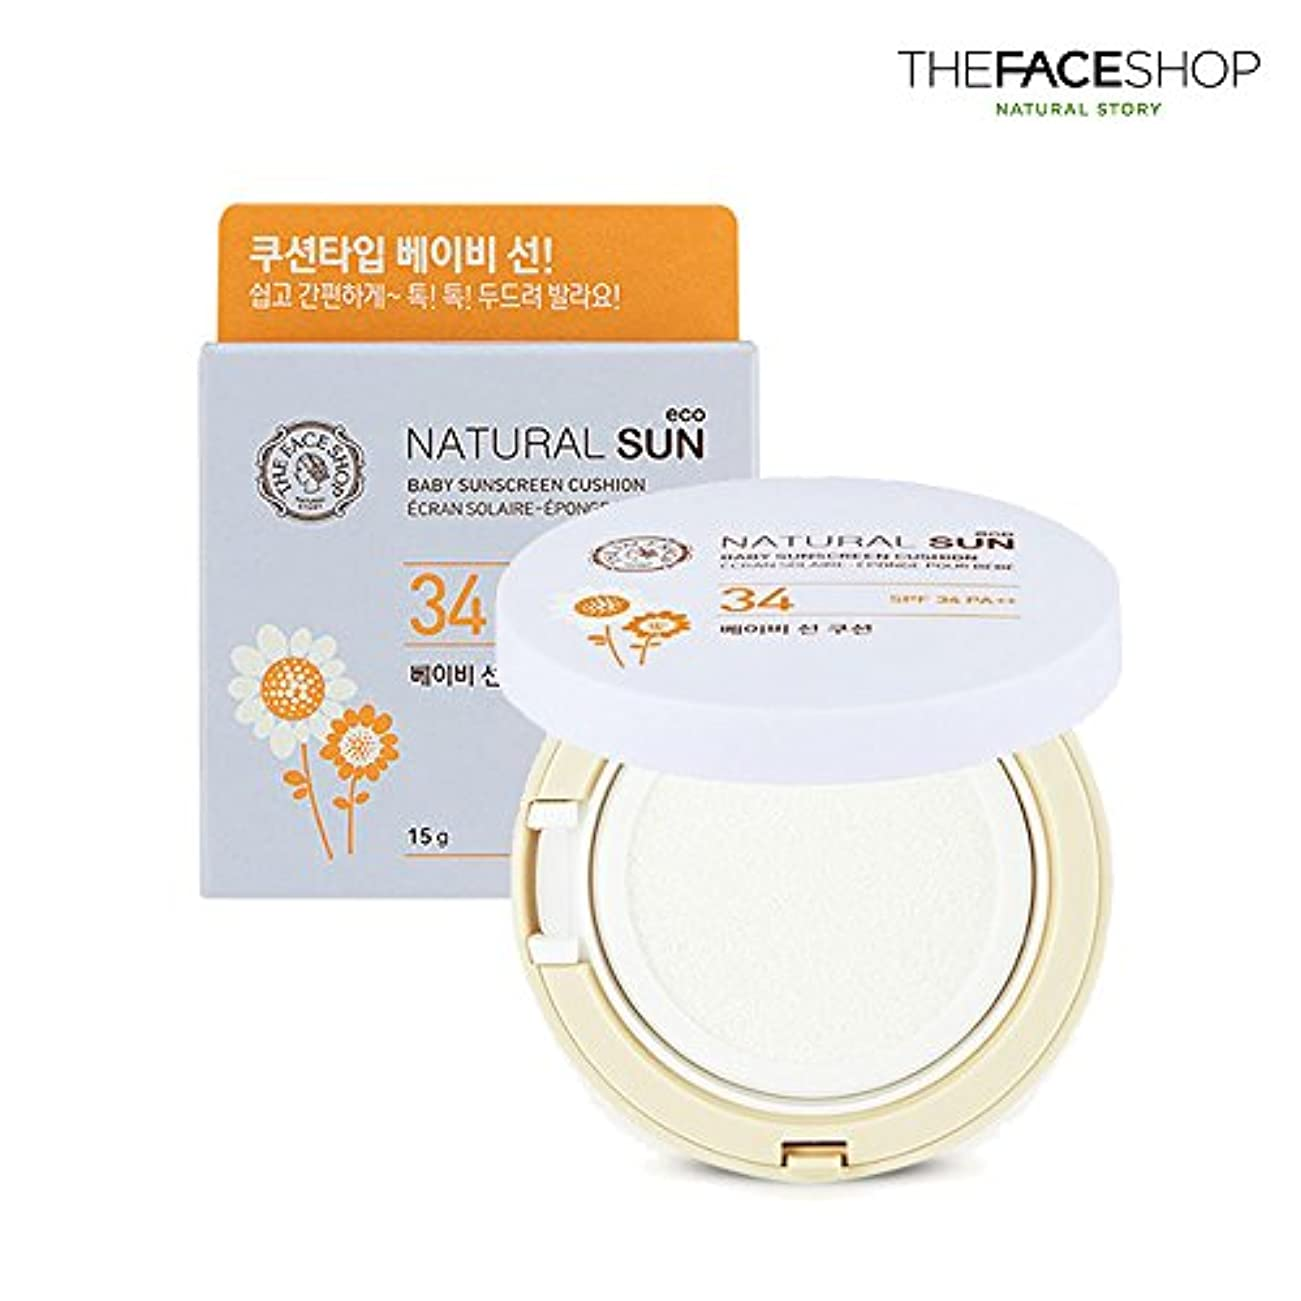 構成カトリック教徒ロゴthe face shop Natural Sun ECO baby sunscreen cushion 34 PA++ 赤ちゃんサンスクリーンクッション